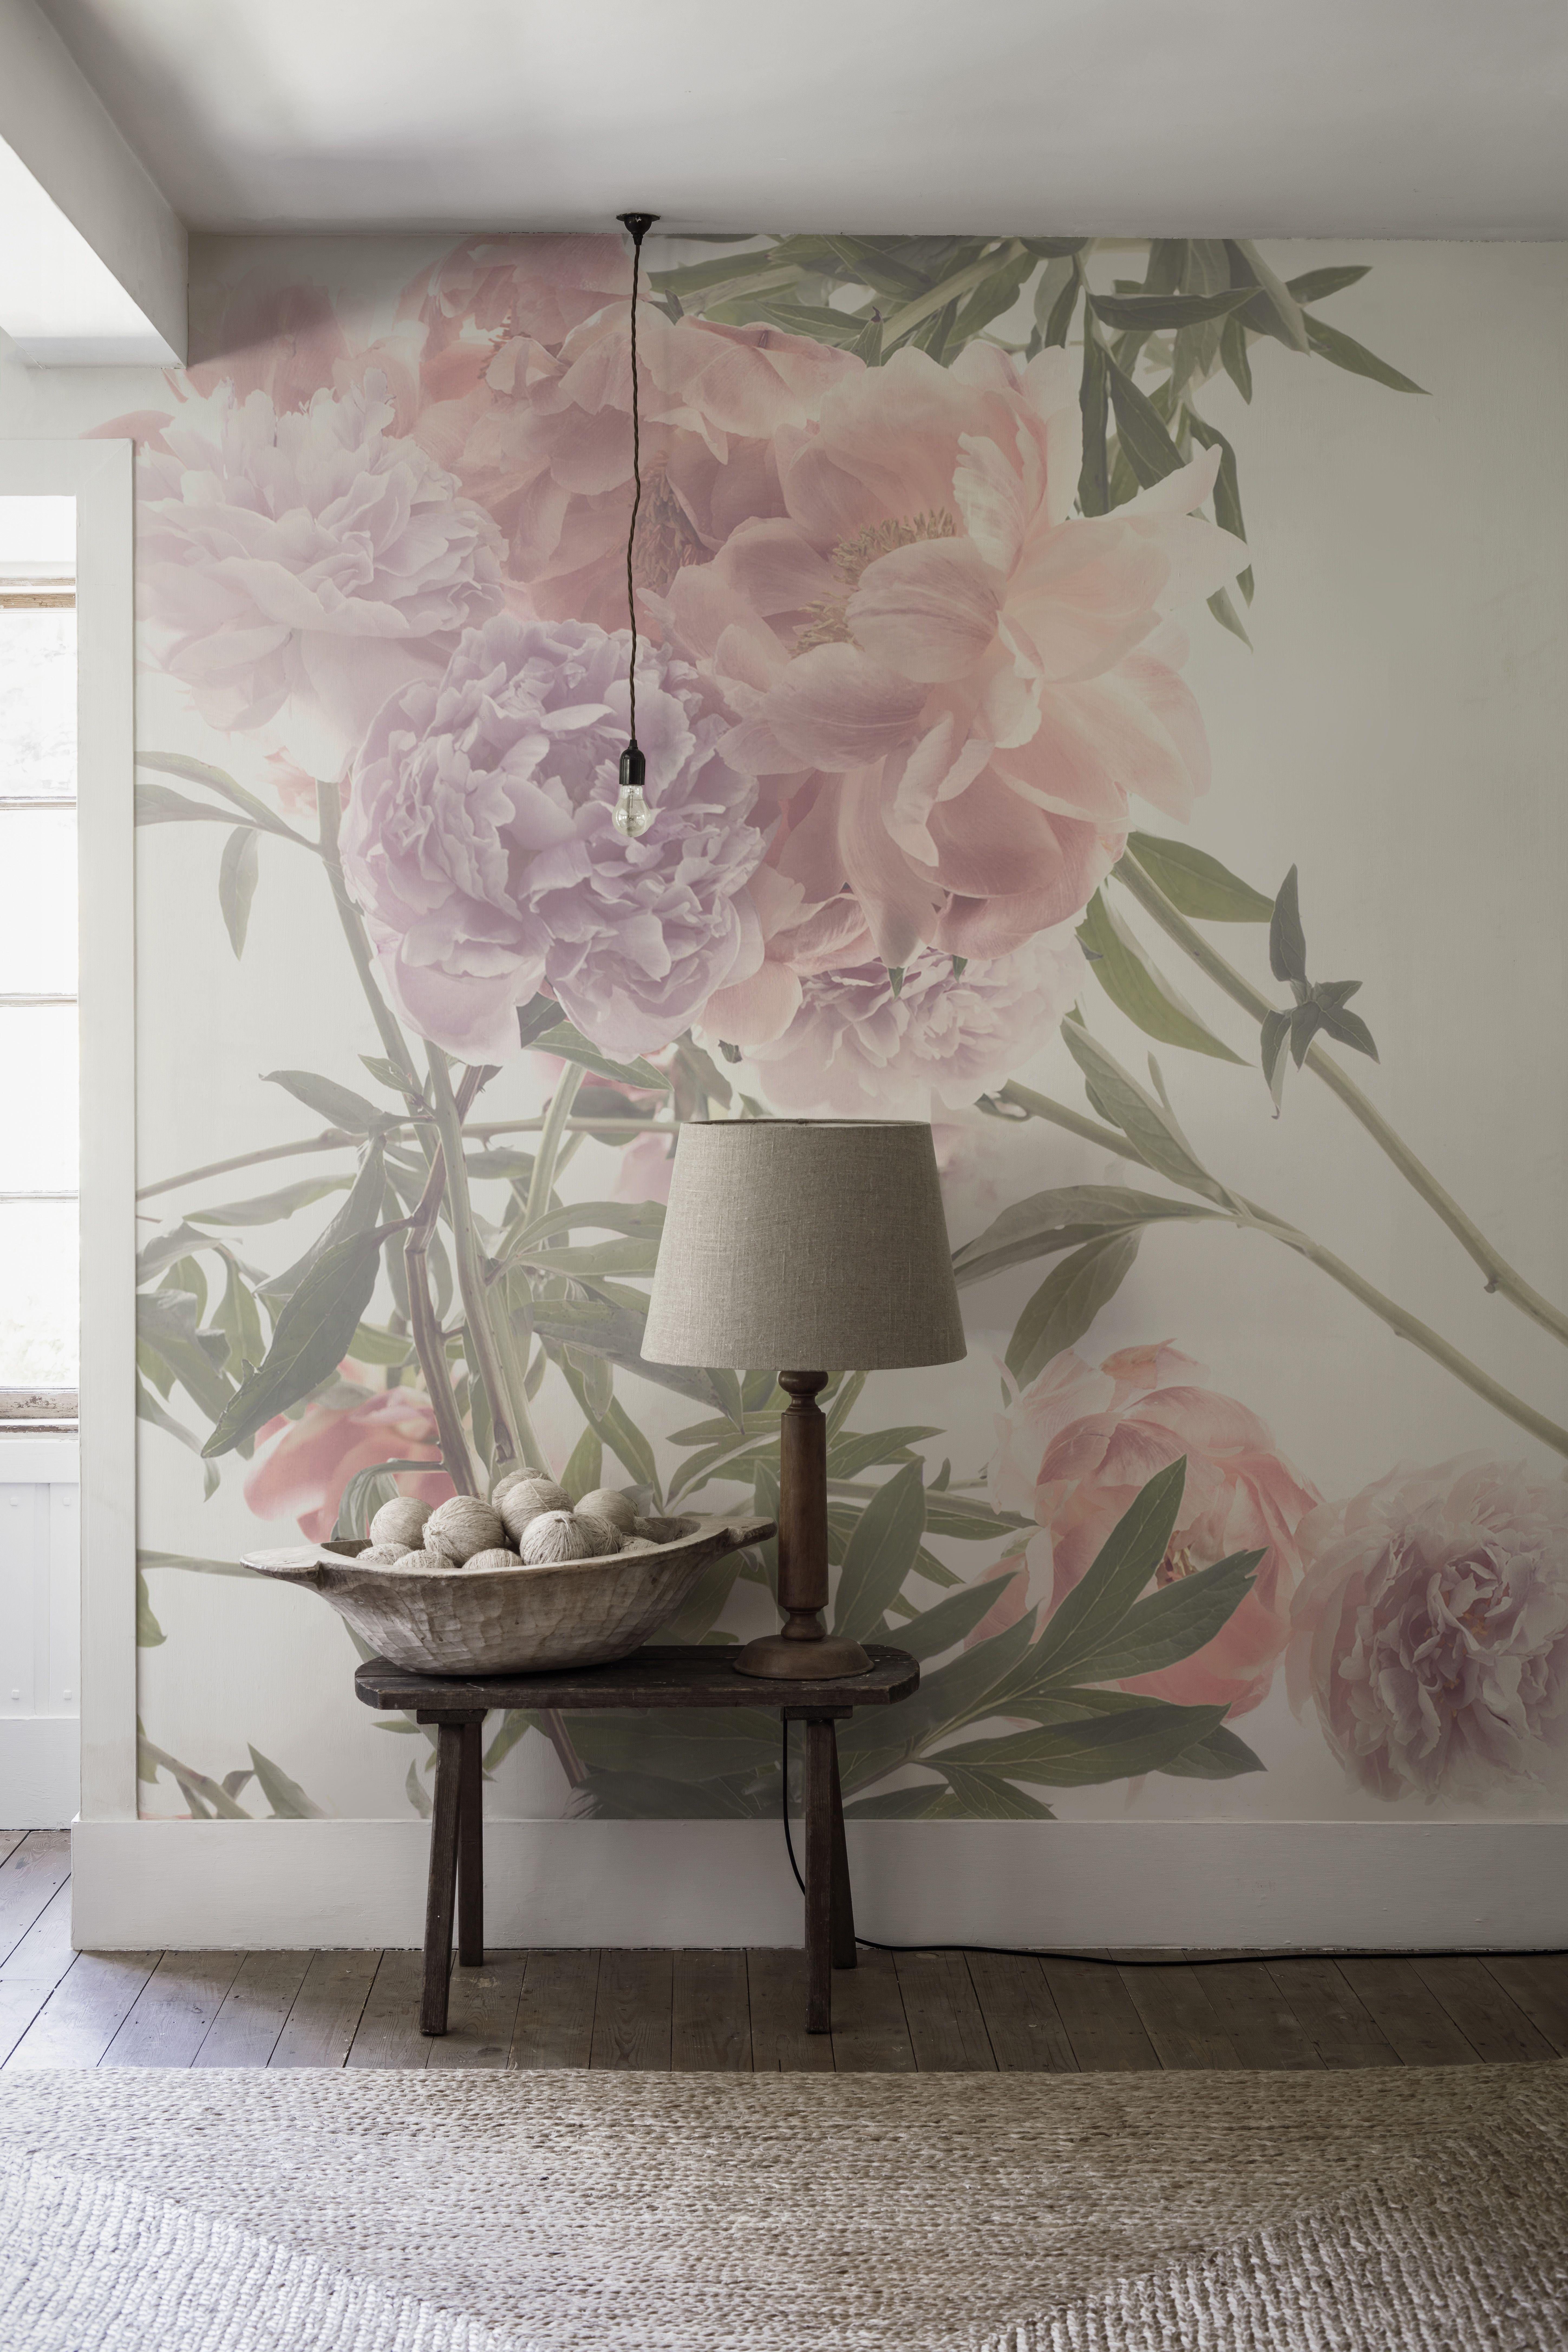 Spring Loosely Mural By David Slijper W A L L F L O O R W